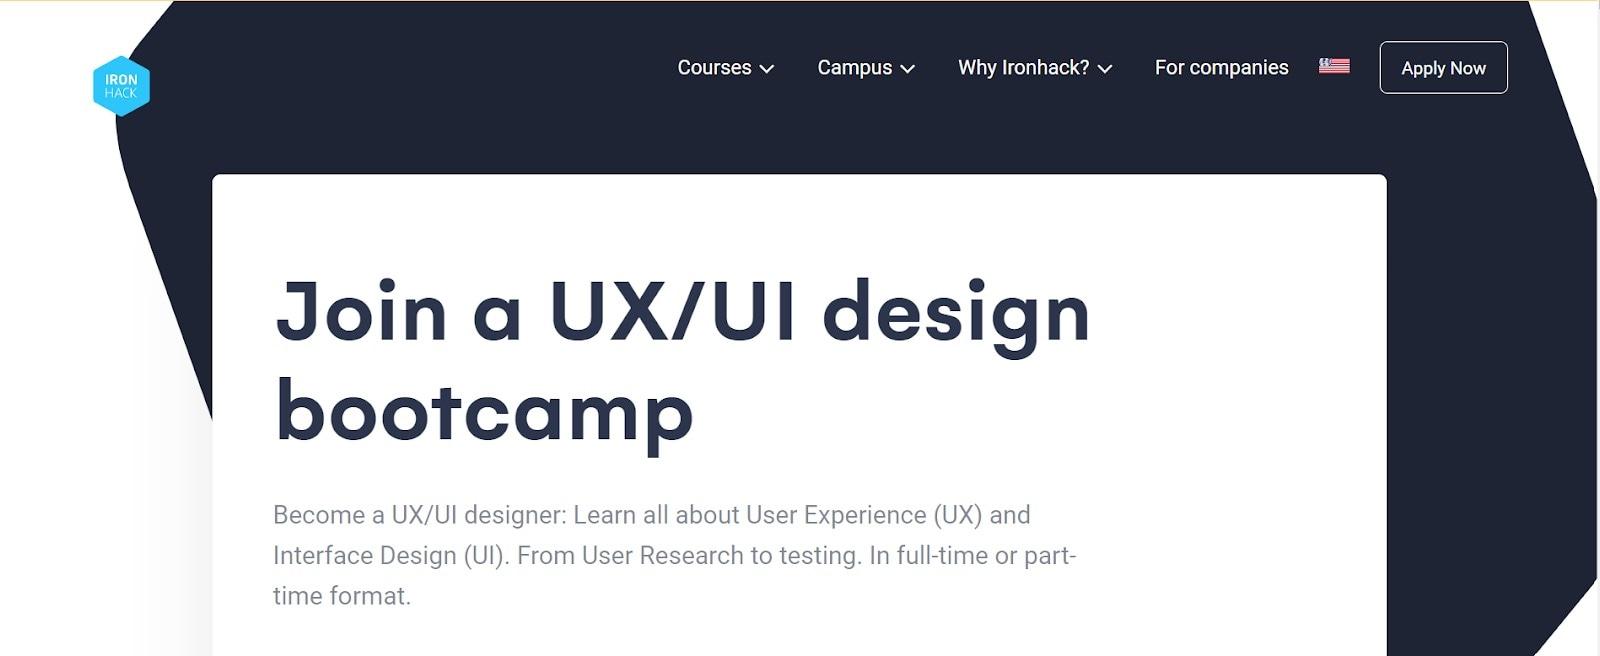 ux designer bootcamp